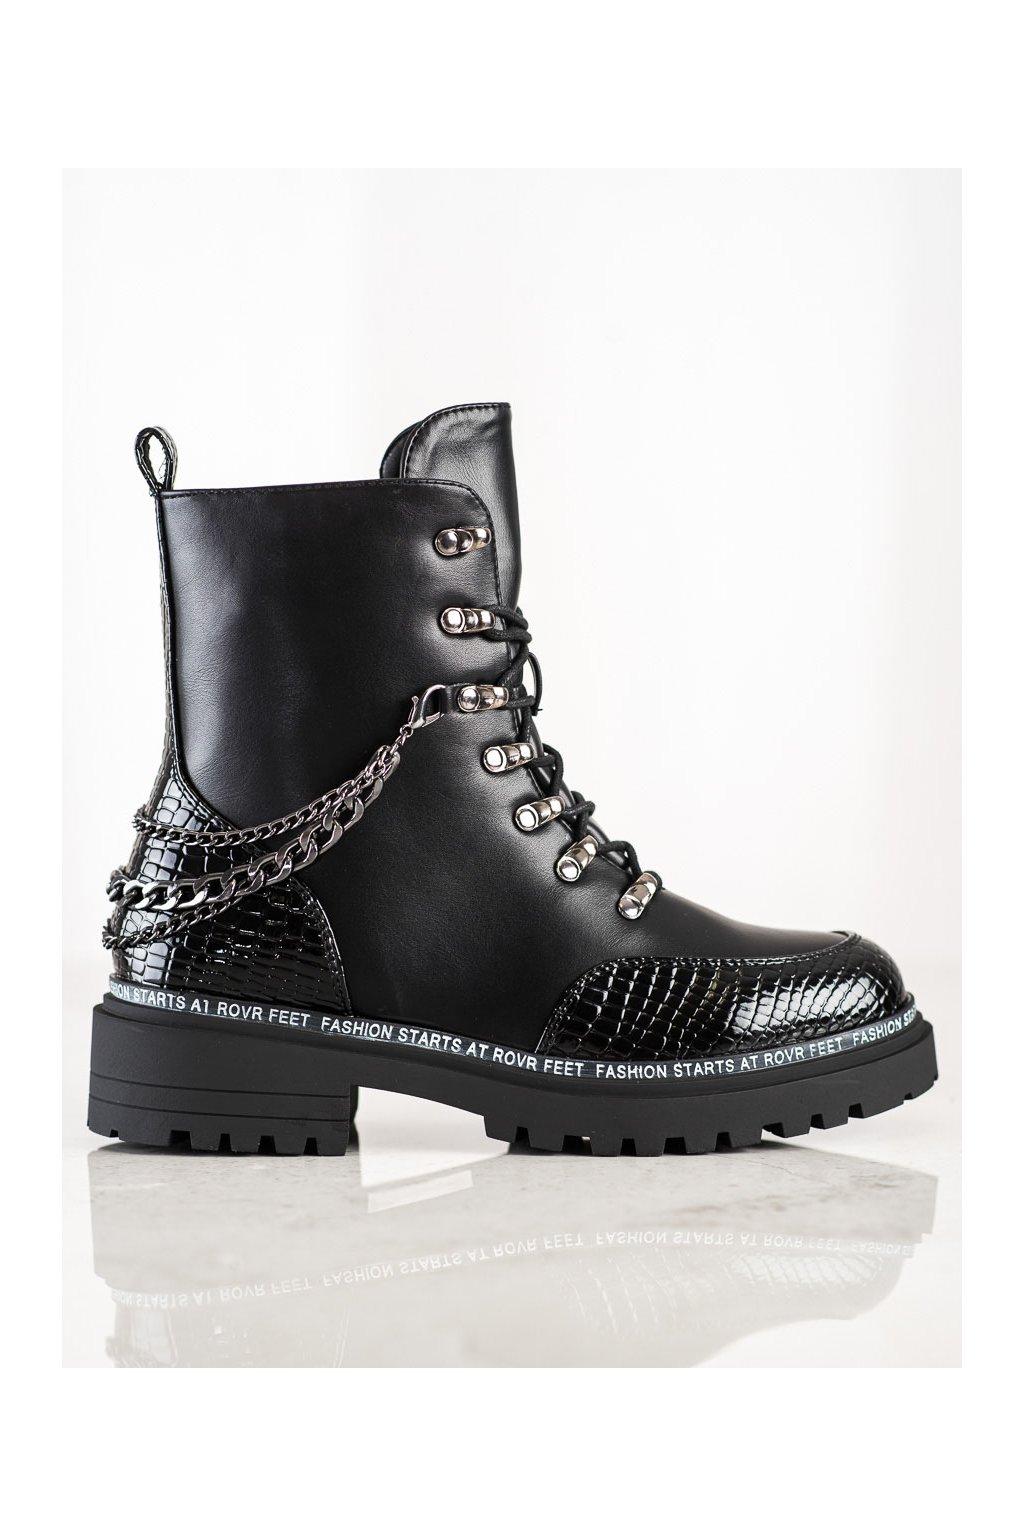 Čierne dámske topánky S. barski kod 60-8B